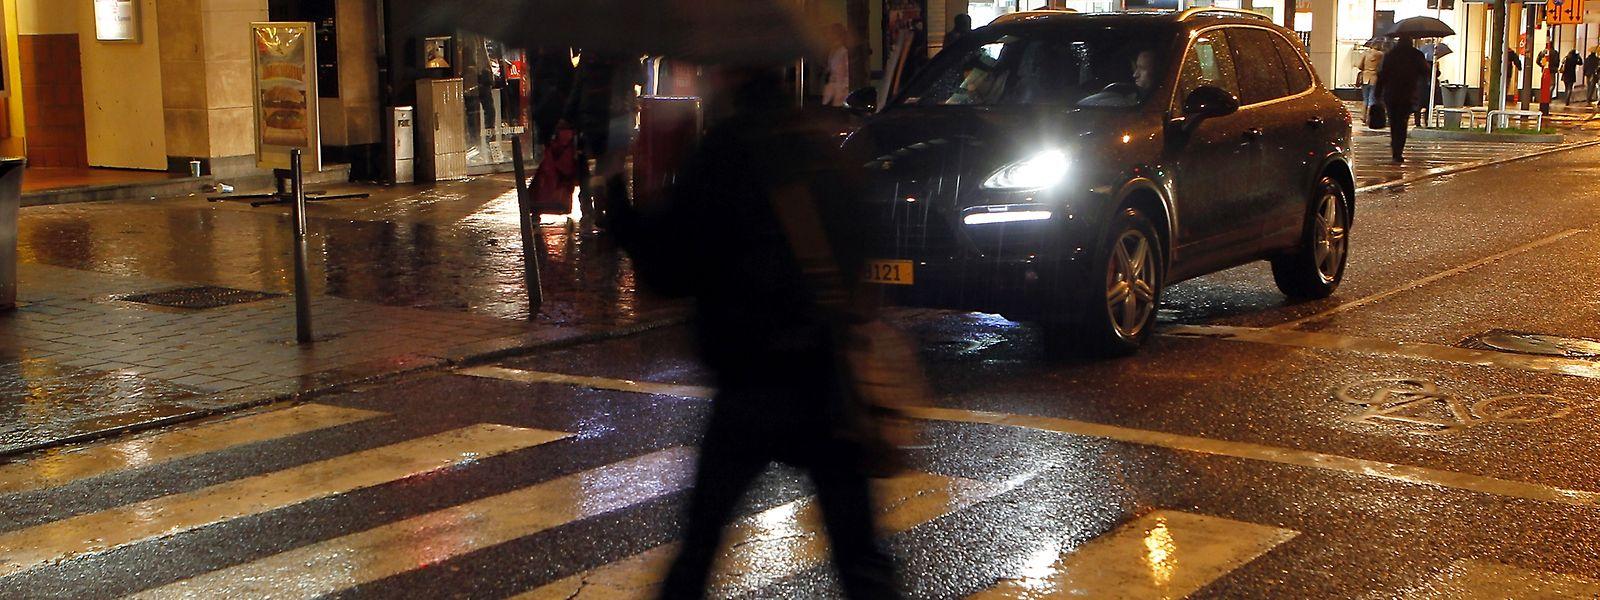 Bei Dunkelheit können Fußgänger schnell übersehen werden.